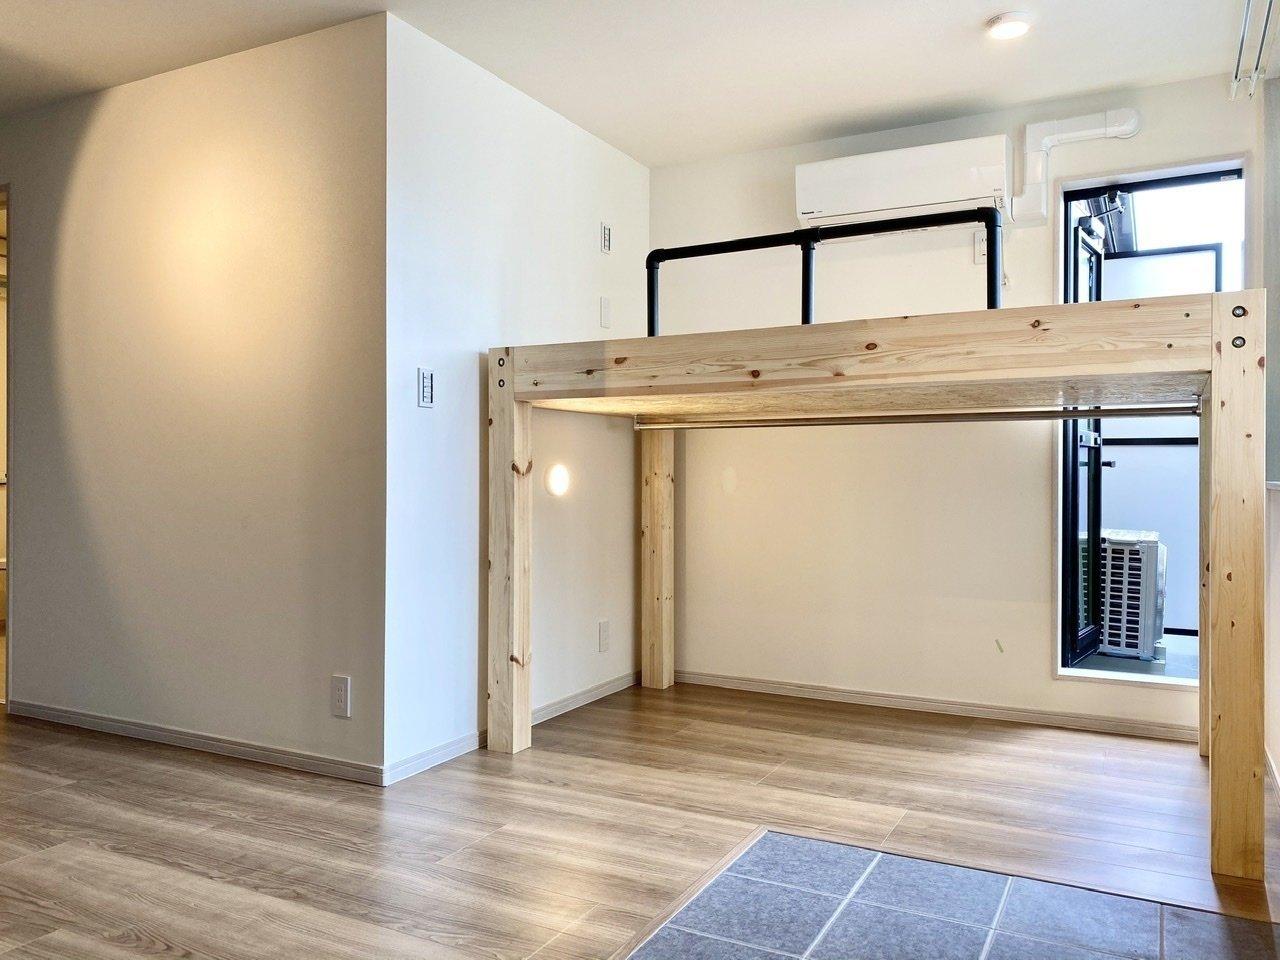 部屋の奥には木のぬくもりを感じるロフトベッドがあります。下部は収納スペースにもなっていますが、ウォークインクローゼットも別にあるので、ここはデスクを置いてワークスペースにするのも良さそう。